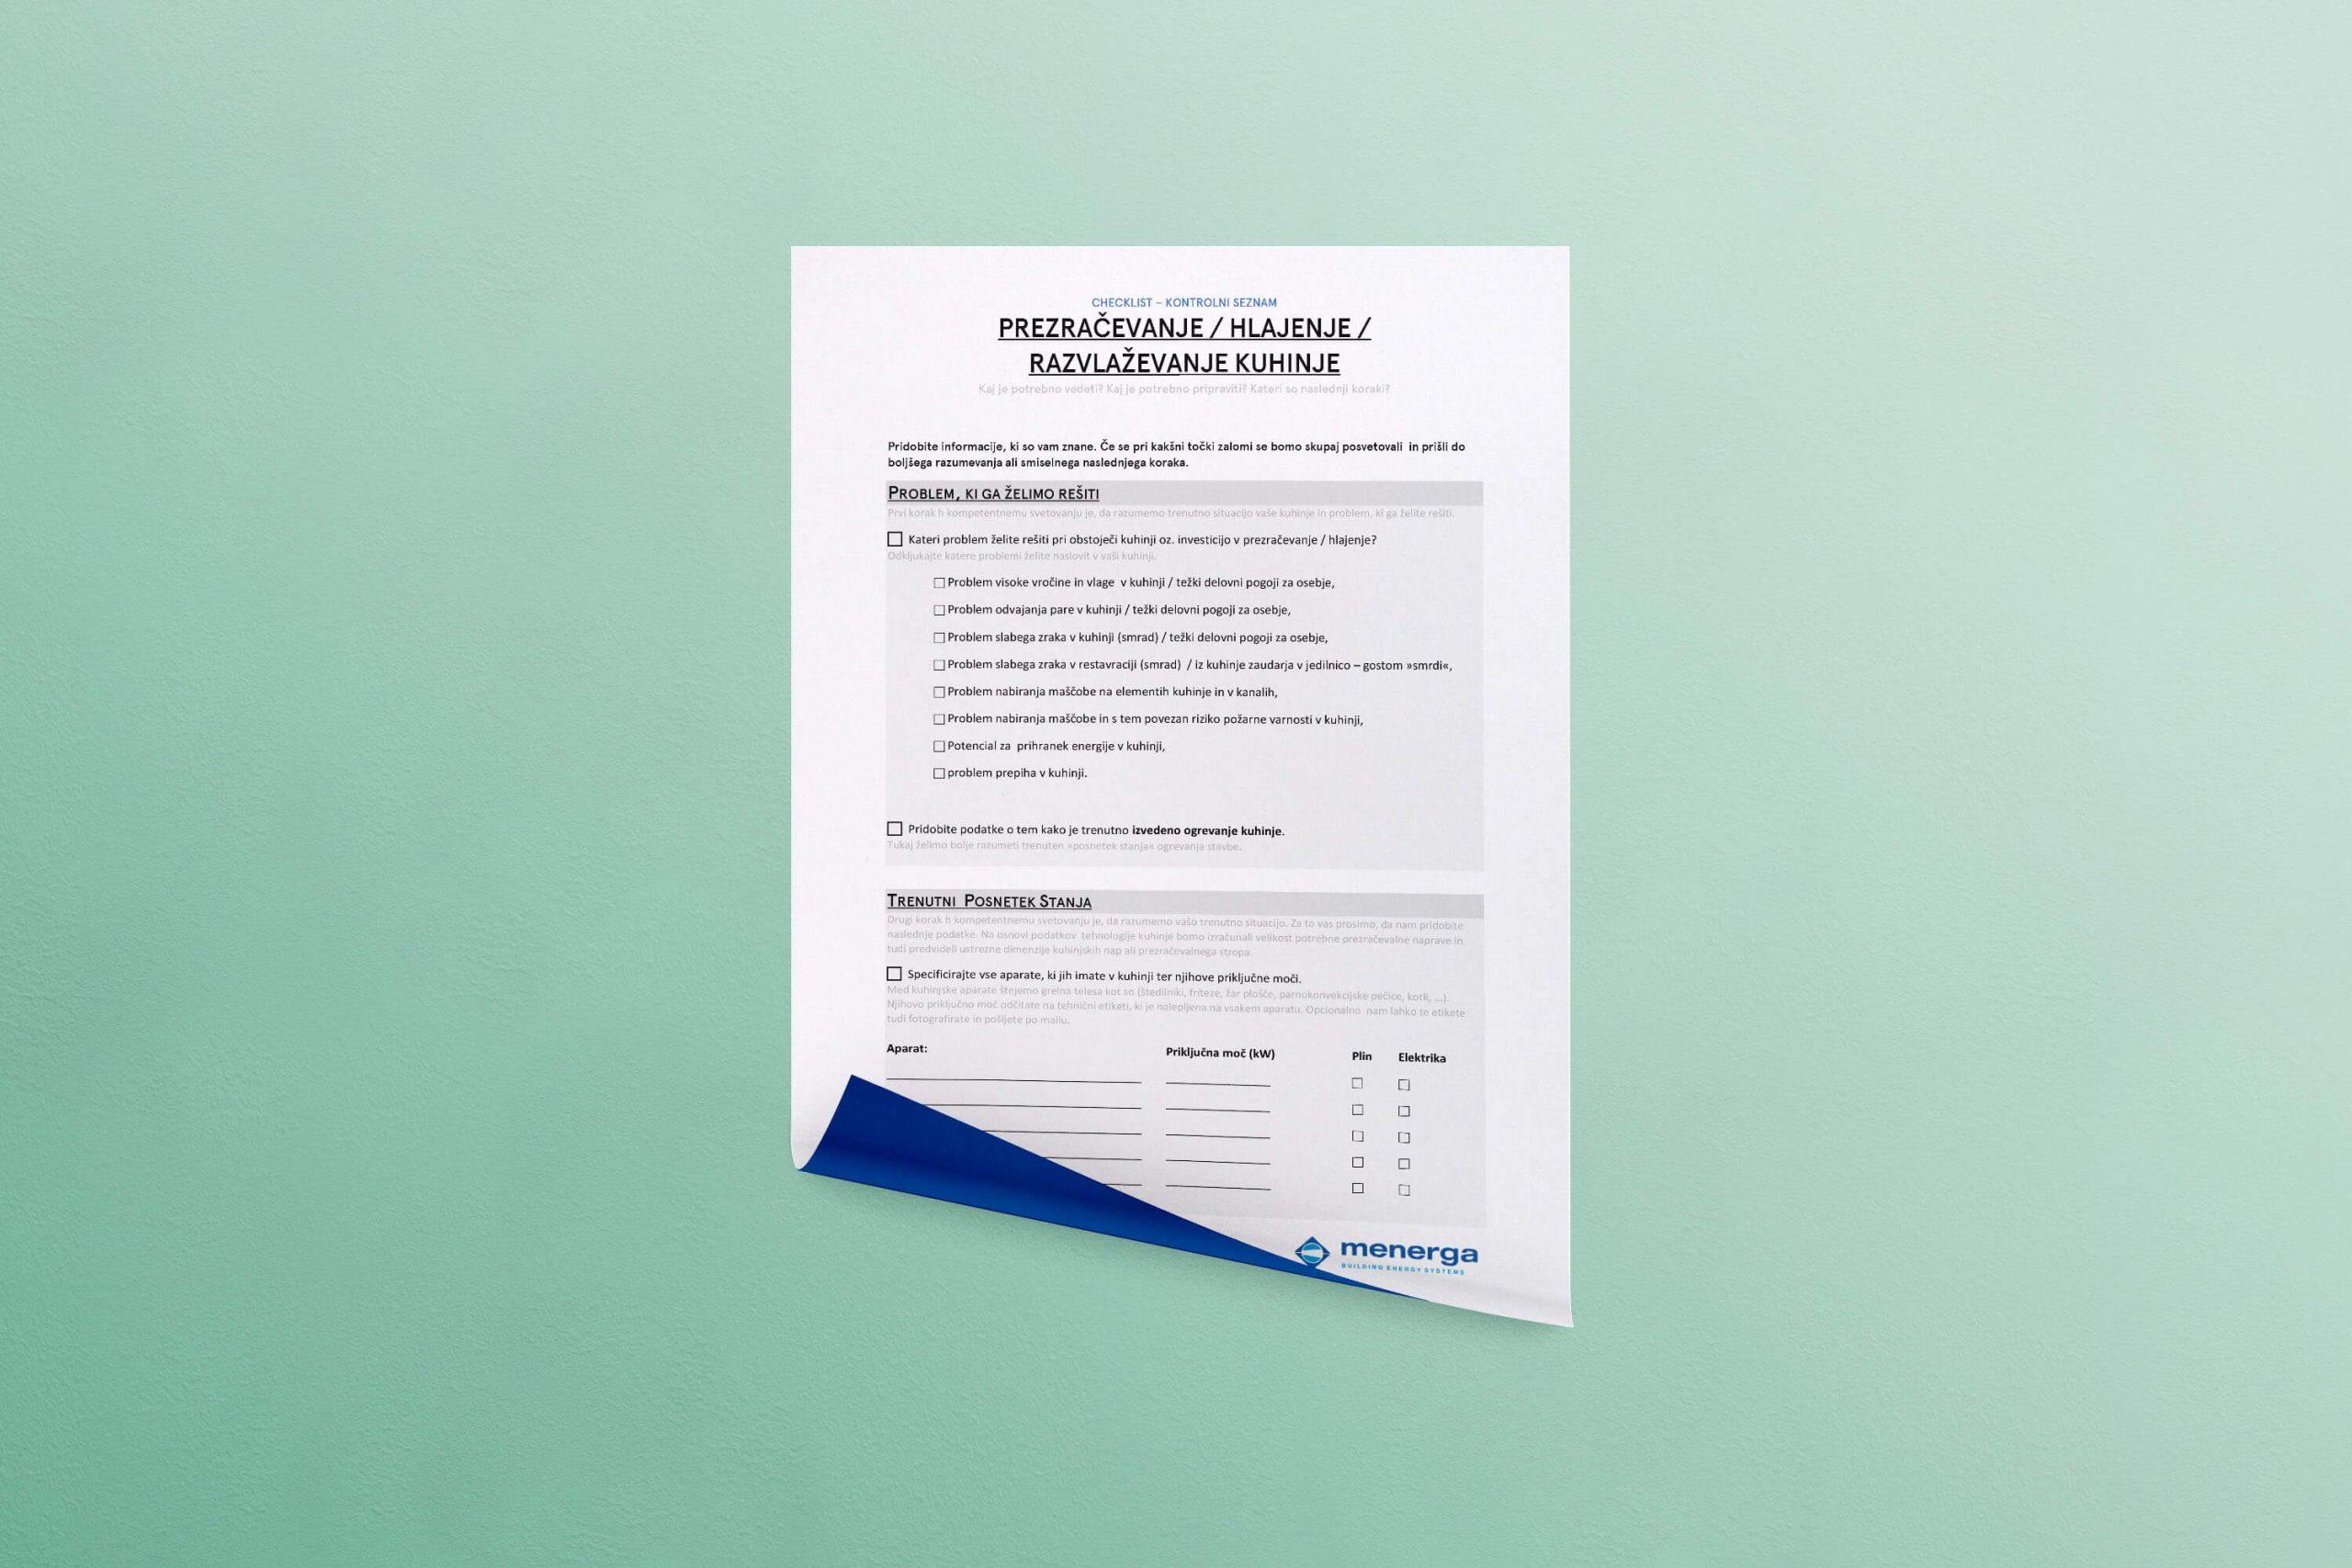 vodic-checklista-prezracevanje-kuhinje-low